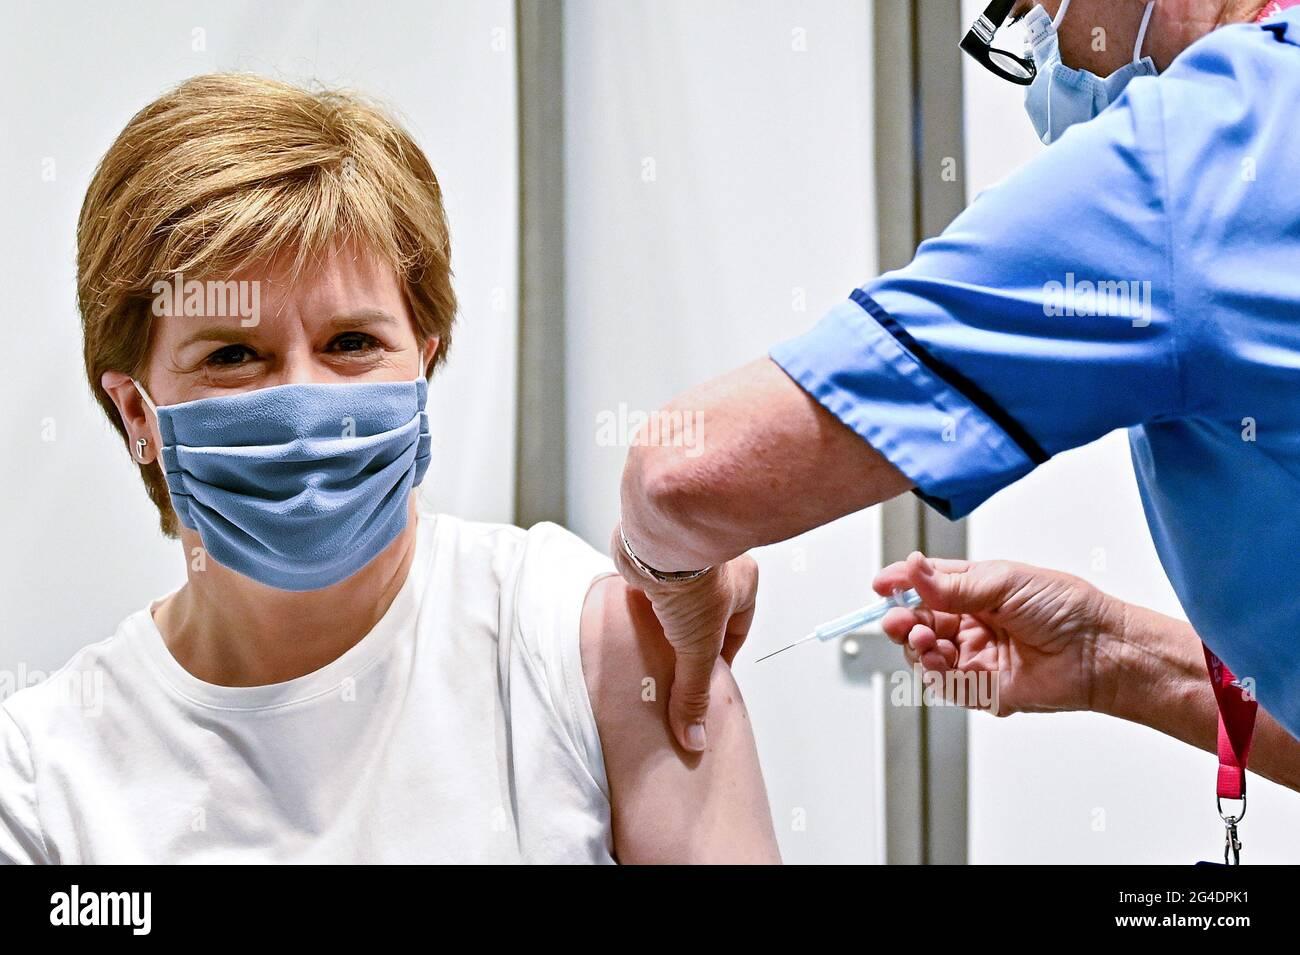 Il primo ministro della Scozia Nicola Sturgeon riceve la sua seconda dose del vaccino Oxford/AstraZeneca Covid-19, somministrato dall'infermiere Susan Inglis, presso il centro di vaccinazione NHS Louisa Jordan di Glasgow, Scozia. Data immagine: Lunedì 21 giugno 2021. Foto Stock